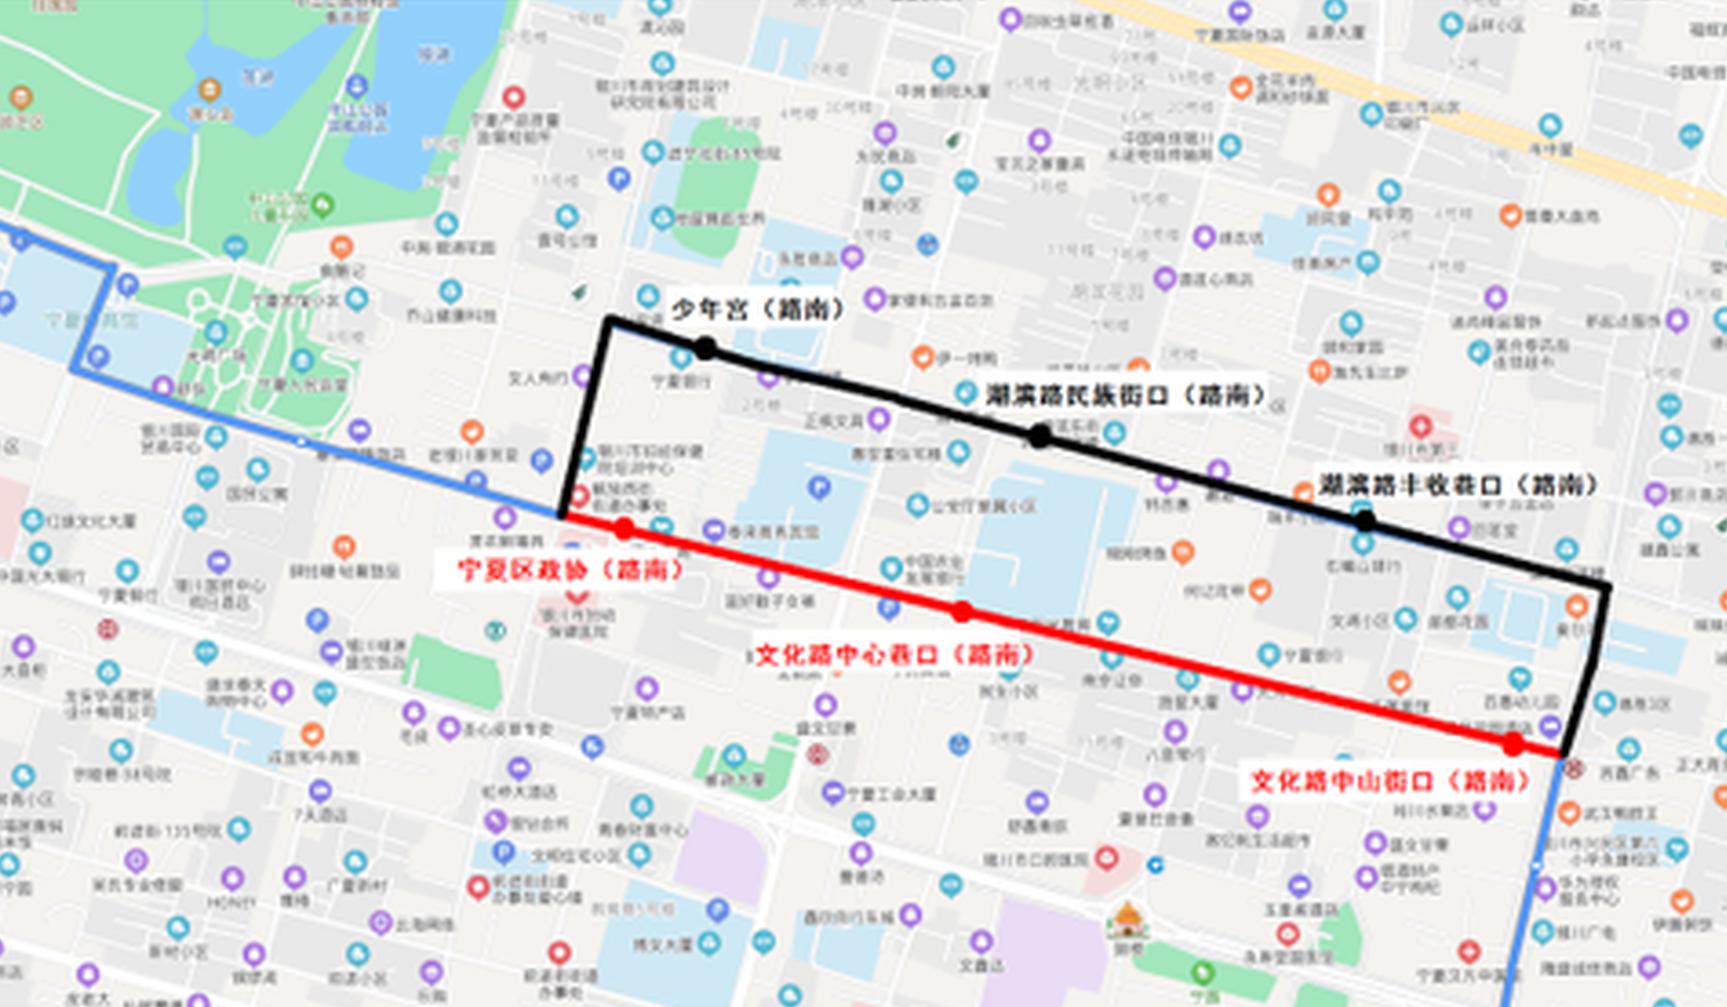 明起,银川公交22路、41路、49路部分线路有变!